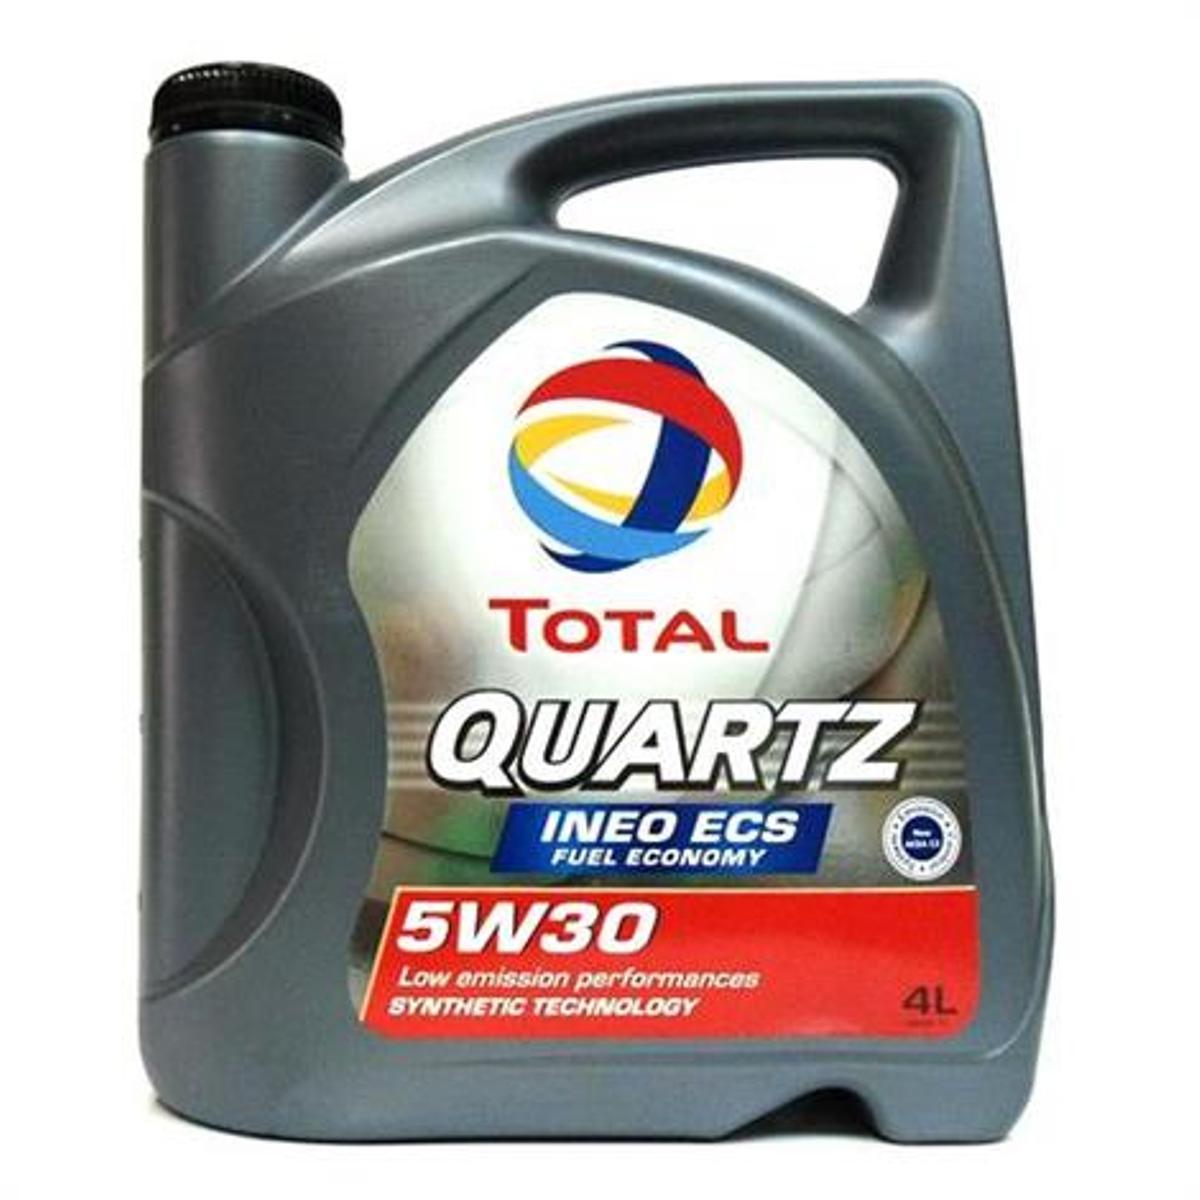 Моторное масло Total Quartz Ineo ECS 5w-30, 4 л151510Моторное масло нового поколения с пониженной сульфатной зольностью и низким содержанием фосфора и серы, специально разработанное для двигателей PEUGEOT и CITROEN. Это высокотехнологичное масло позволяет экономить топливо и оптимизирует функционирование систем контроля над выпуском загрязняющих веществ в атмосферу, например, дизельных сажевых фильтров.Одобрения • QUARTZ INEO ECS - это единственный смазочный материал с пониженной сульфатной зольностью и низким содержанием фосфора и серы, рекомендуемый изготовителями Peugeot и Citroen: одобрение PSA PEUGEOT & CITROEN B71 2290 • Соответствует техническим требованиям TOYOTA